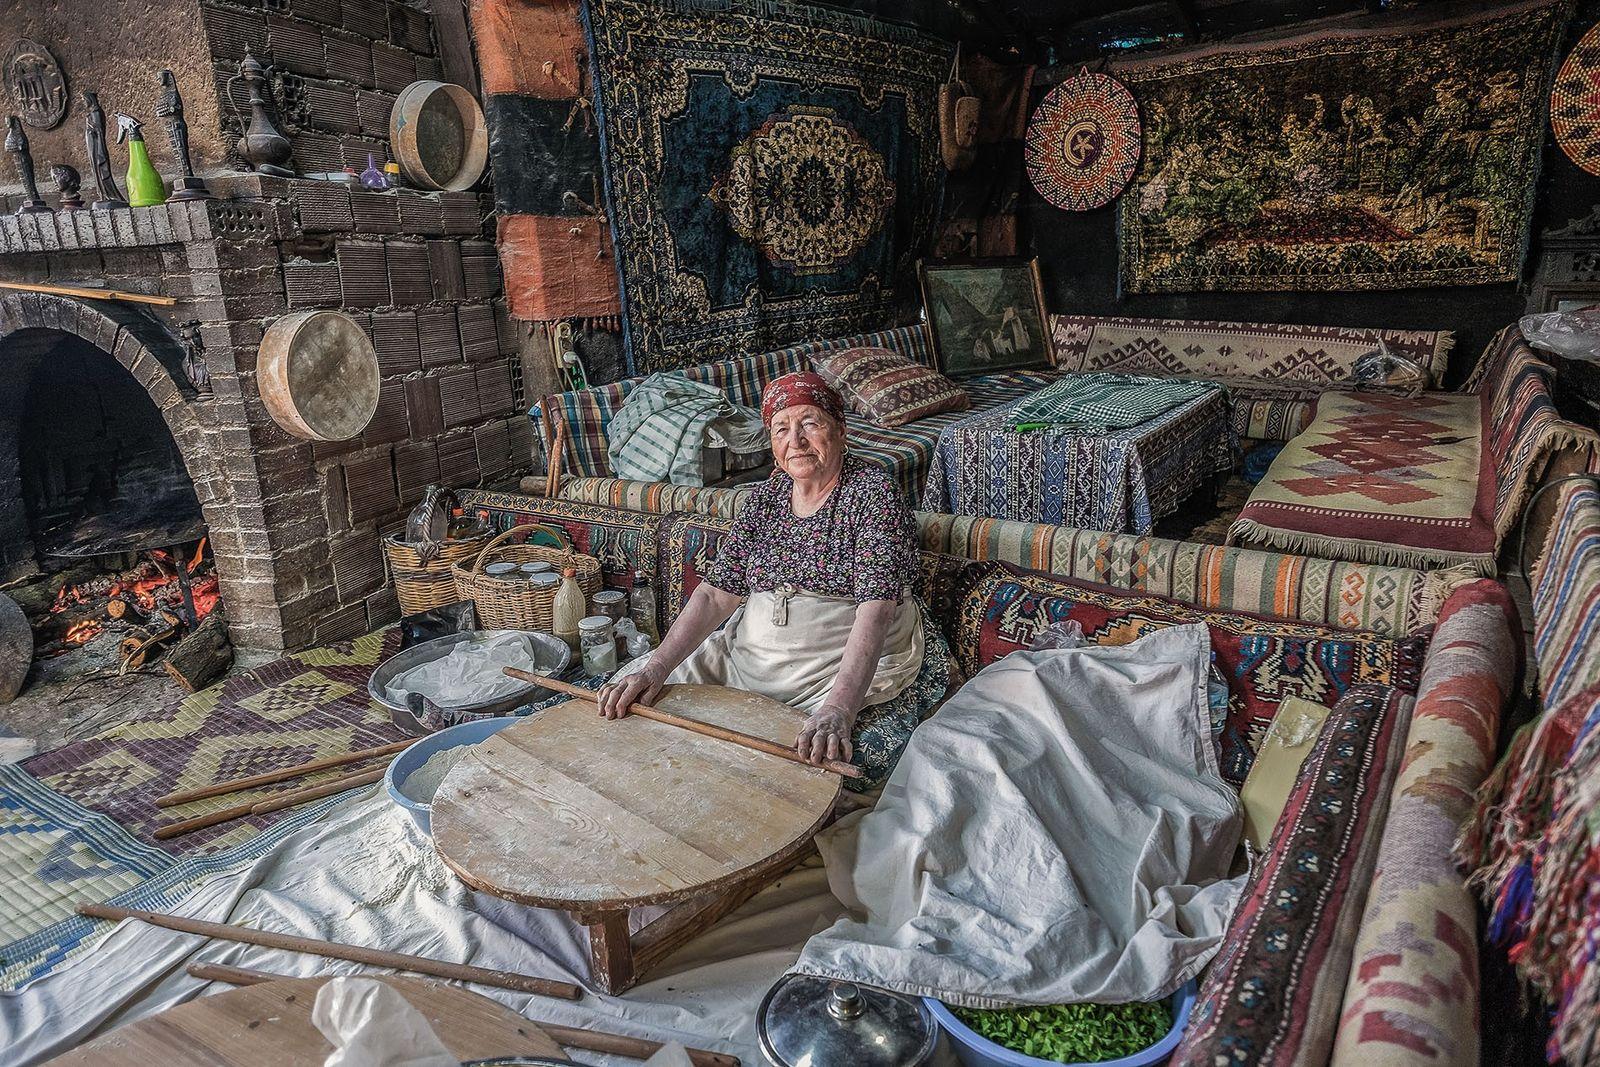 How I got the shot: photographer Nori Jemil on capturing Turkey's otherworldly Pamukkale region